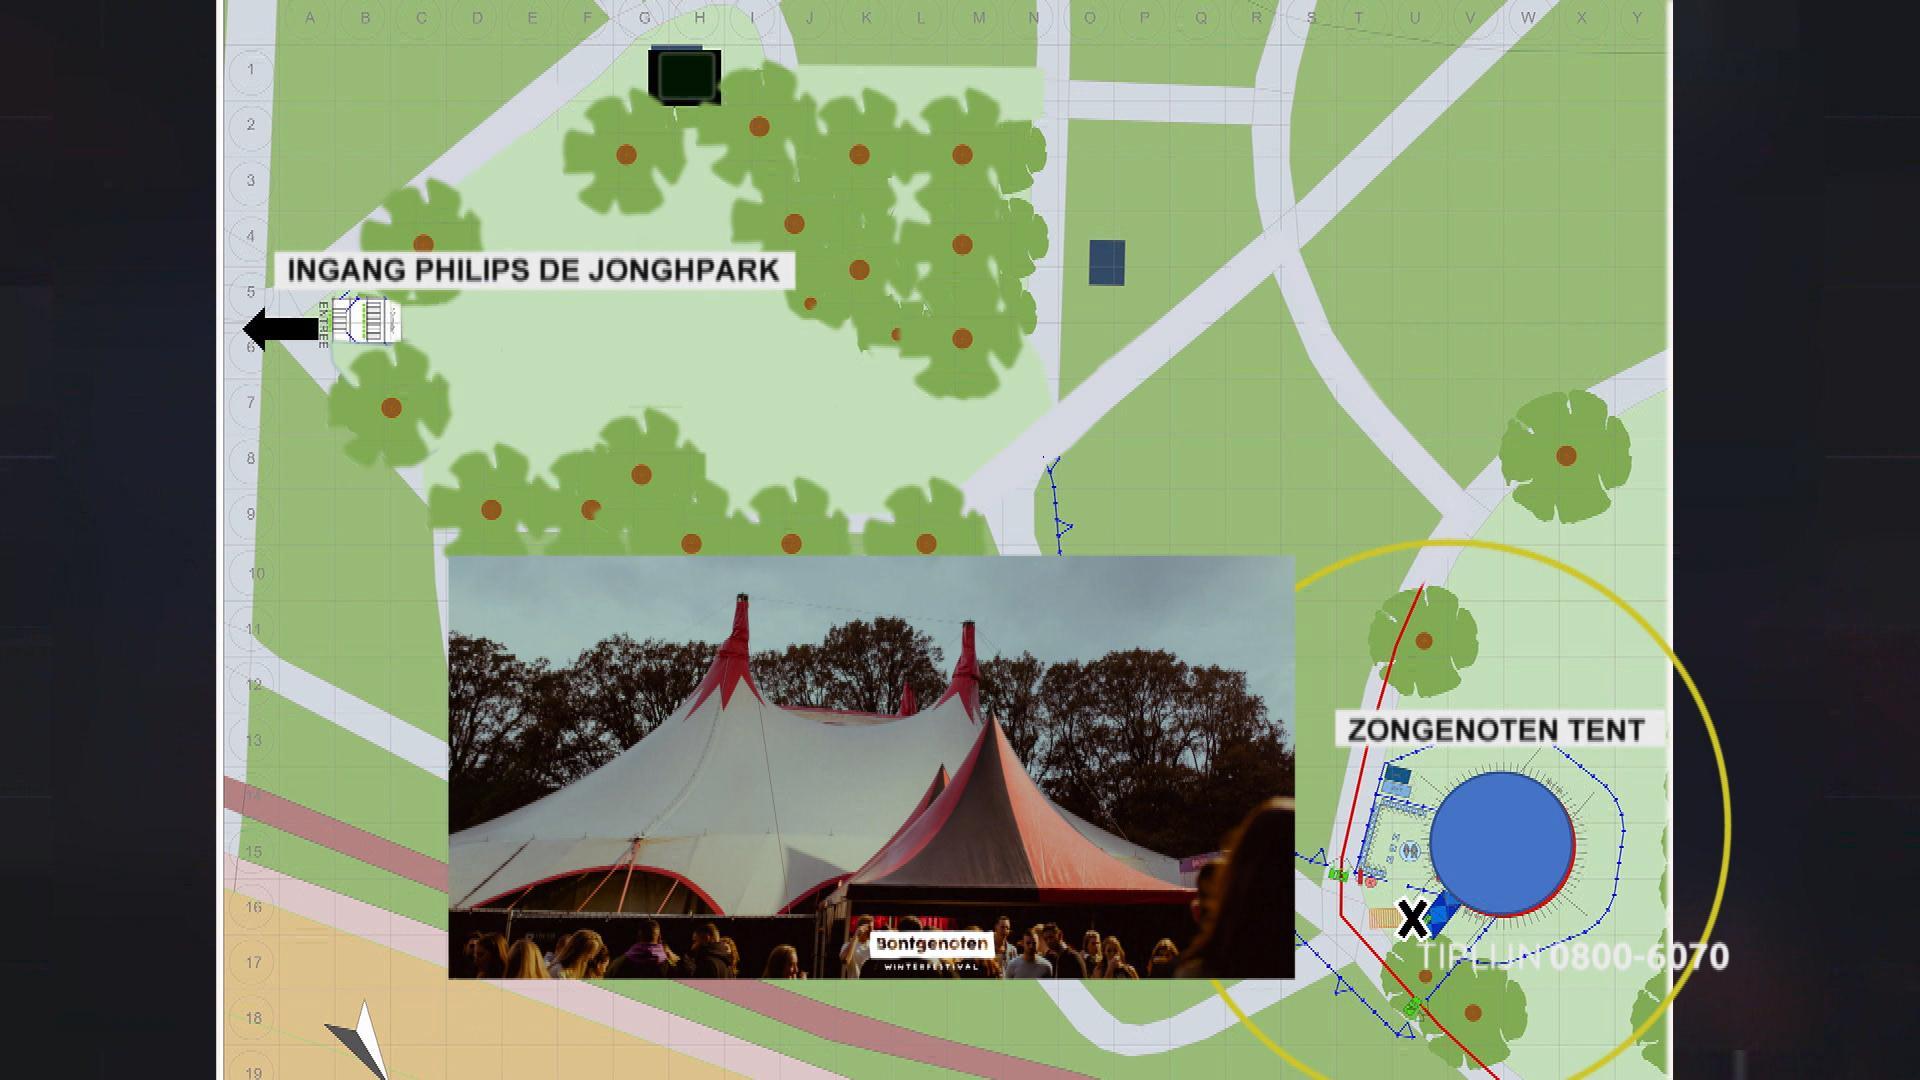 Eindhoven - Gezocht - Ernstige mishandeling tijdens festival in Eindhoven